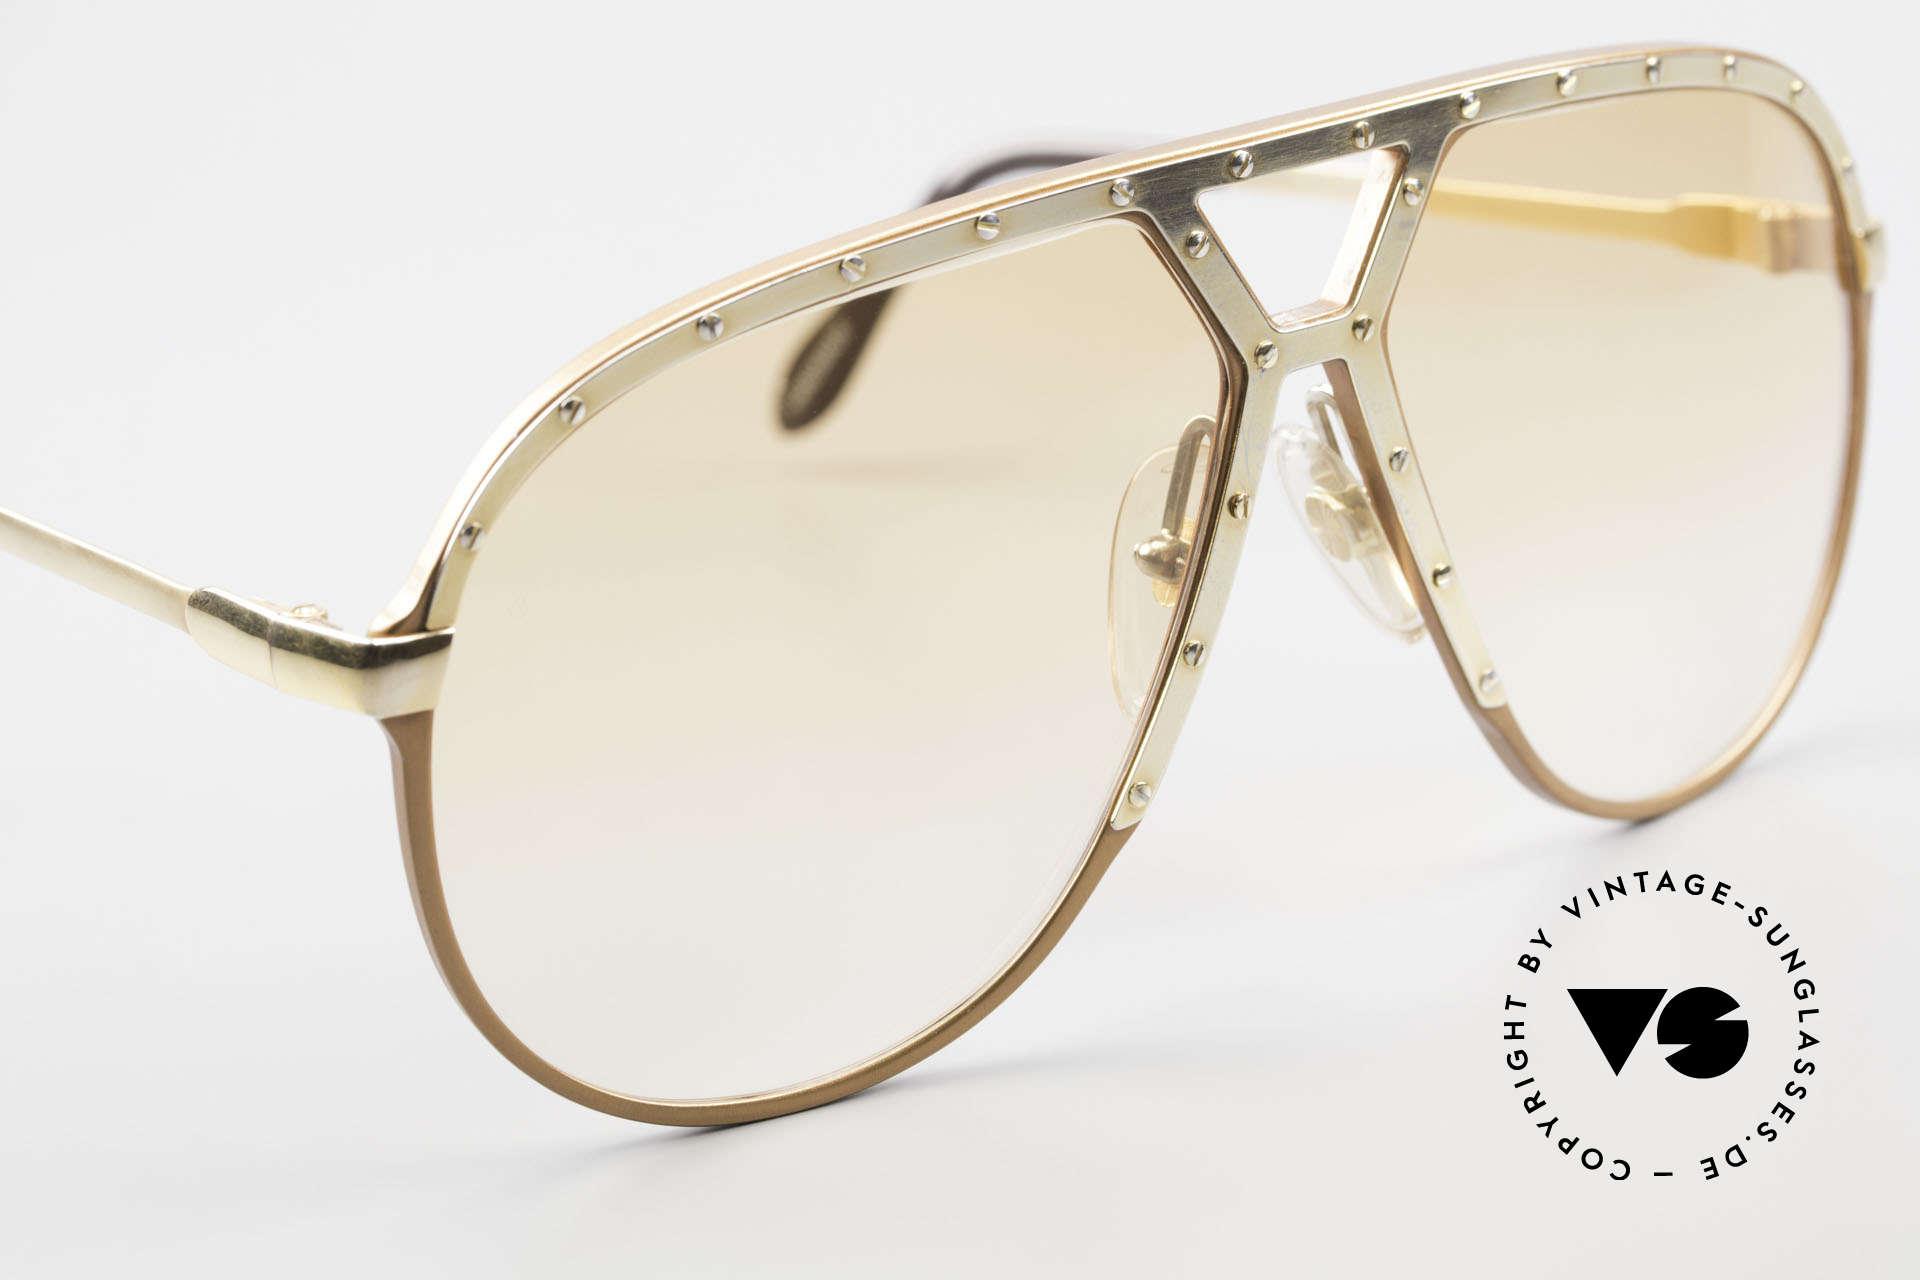 Alpina M1 Rare 80s Vintage Brille Orange, ungetragenes Sammlerstück (inkl. BVLGARI Etui), Passend für Herren